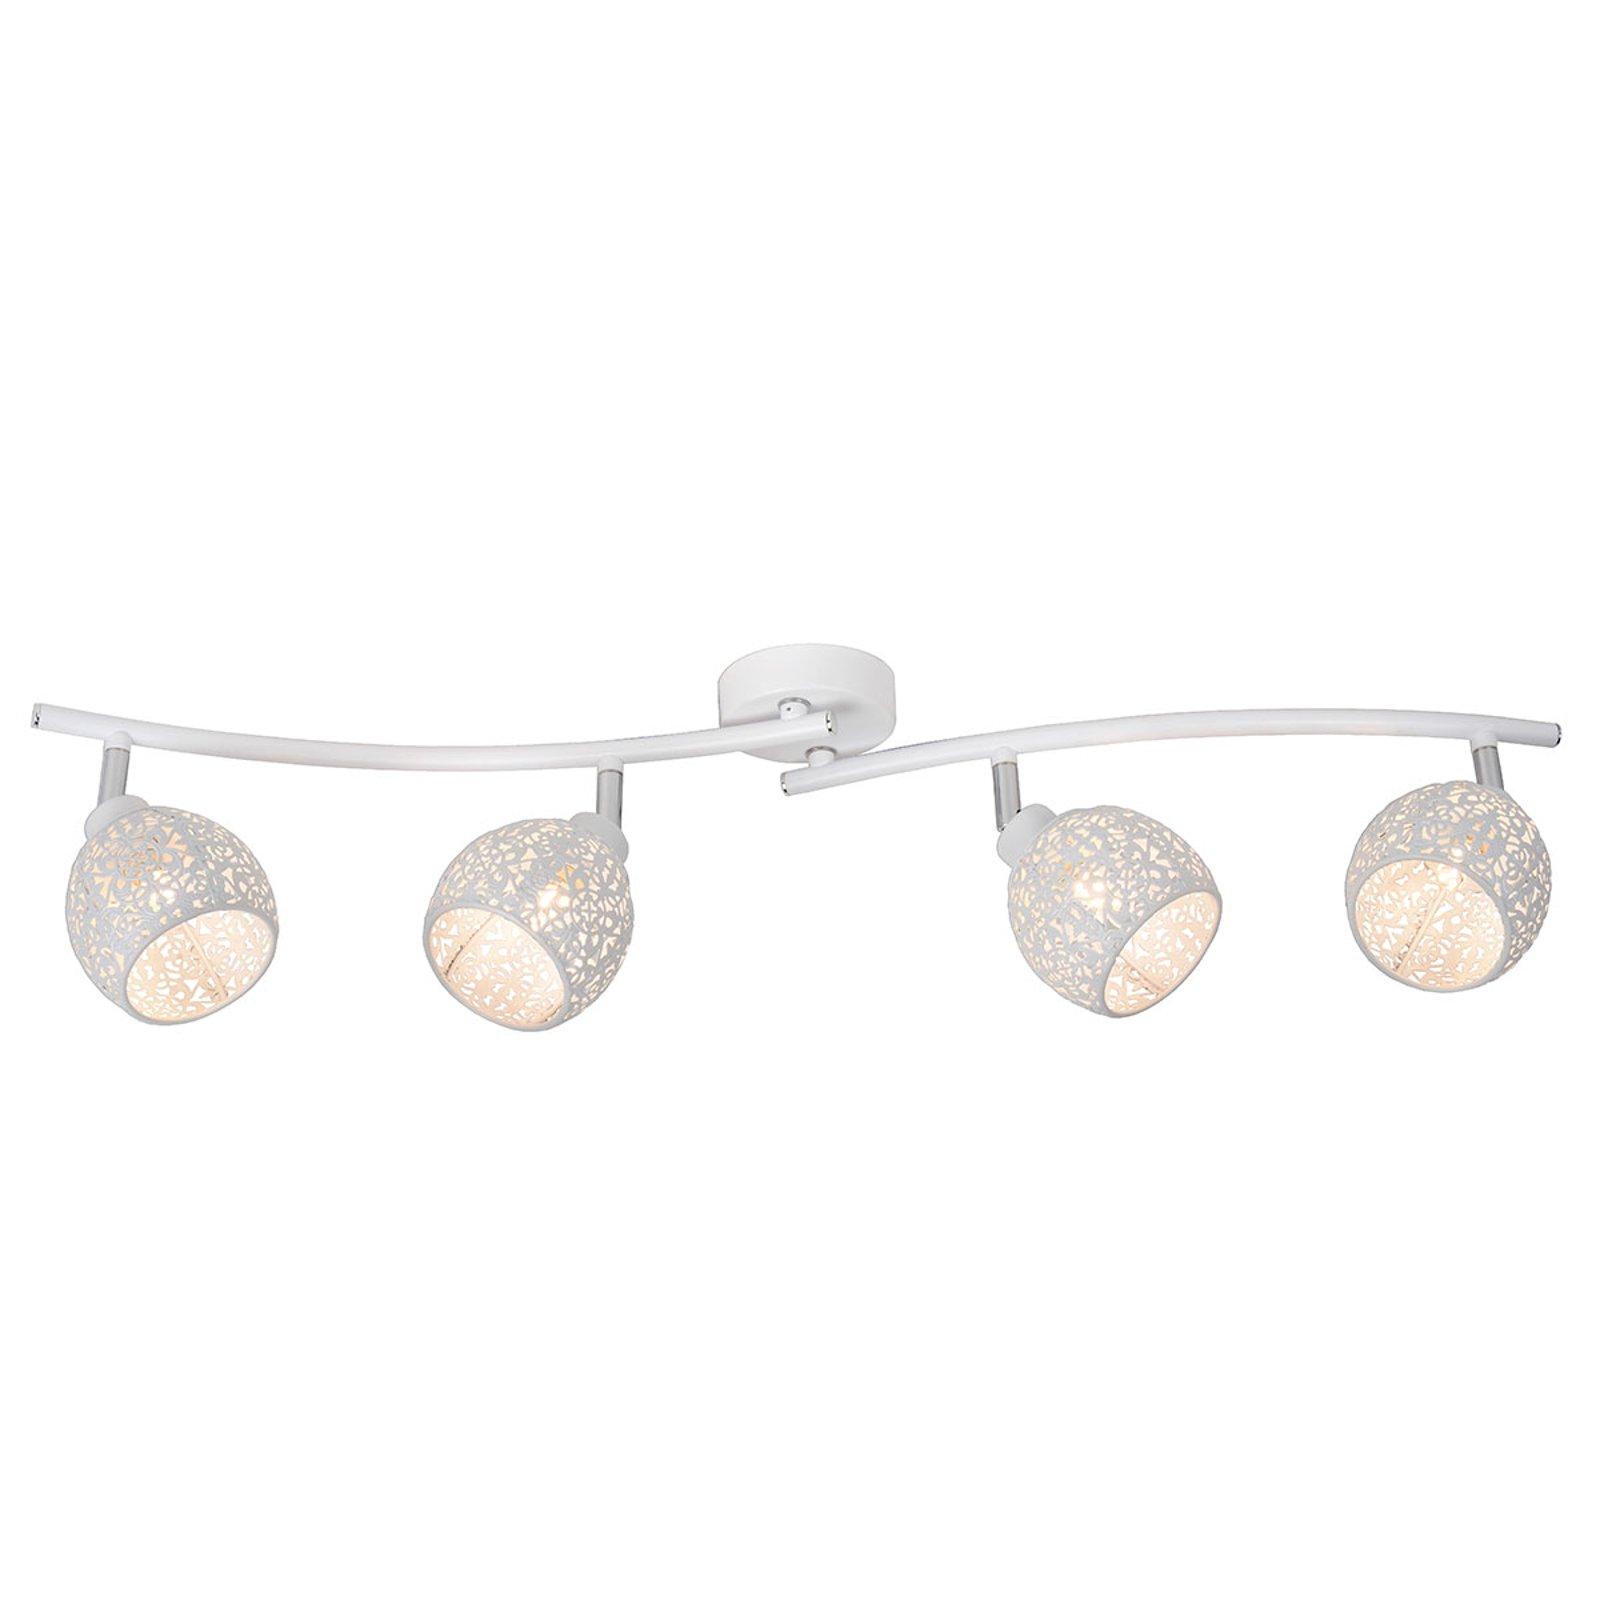 Tahar justerbar taklampe med 4 spotter